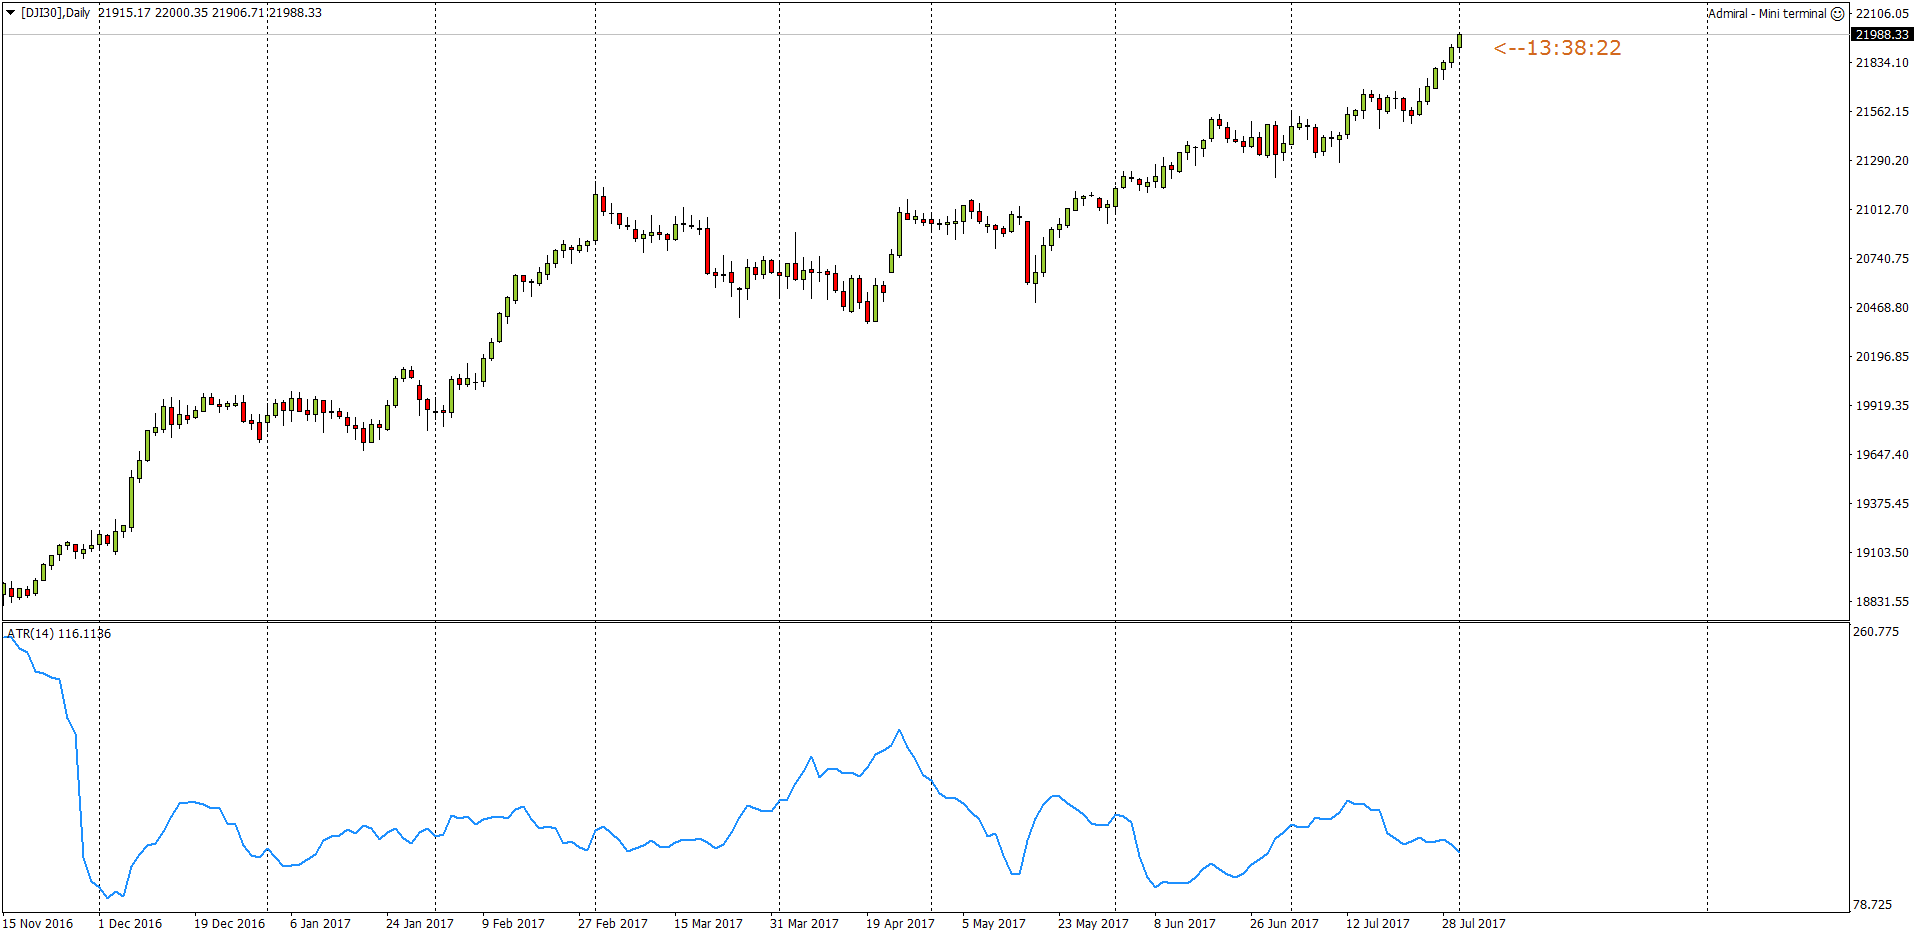 Indikator ATR (Average True Range) Dikembangkan oleh Wilder, memberikan gambaran kepada trader tentang history volatilitas dalam rangka mempersiapkan untuk trading di pasar forex yang sebenarnya.. Pasangan mata uang yang mendapatkan pembacaan ATR yang lebih rendah menunjukkan volatilitas pasar yang rendah, sedangkan pasangan mata uang dengan pembacaan indikator .